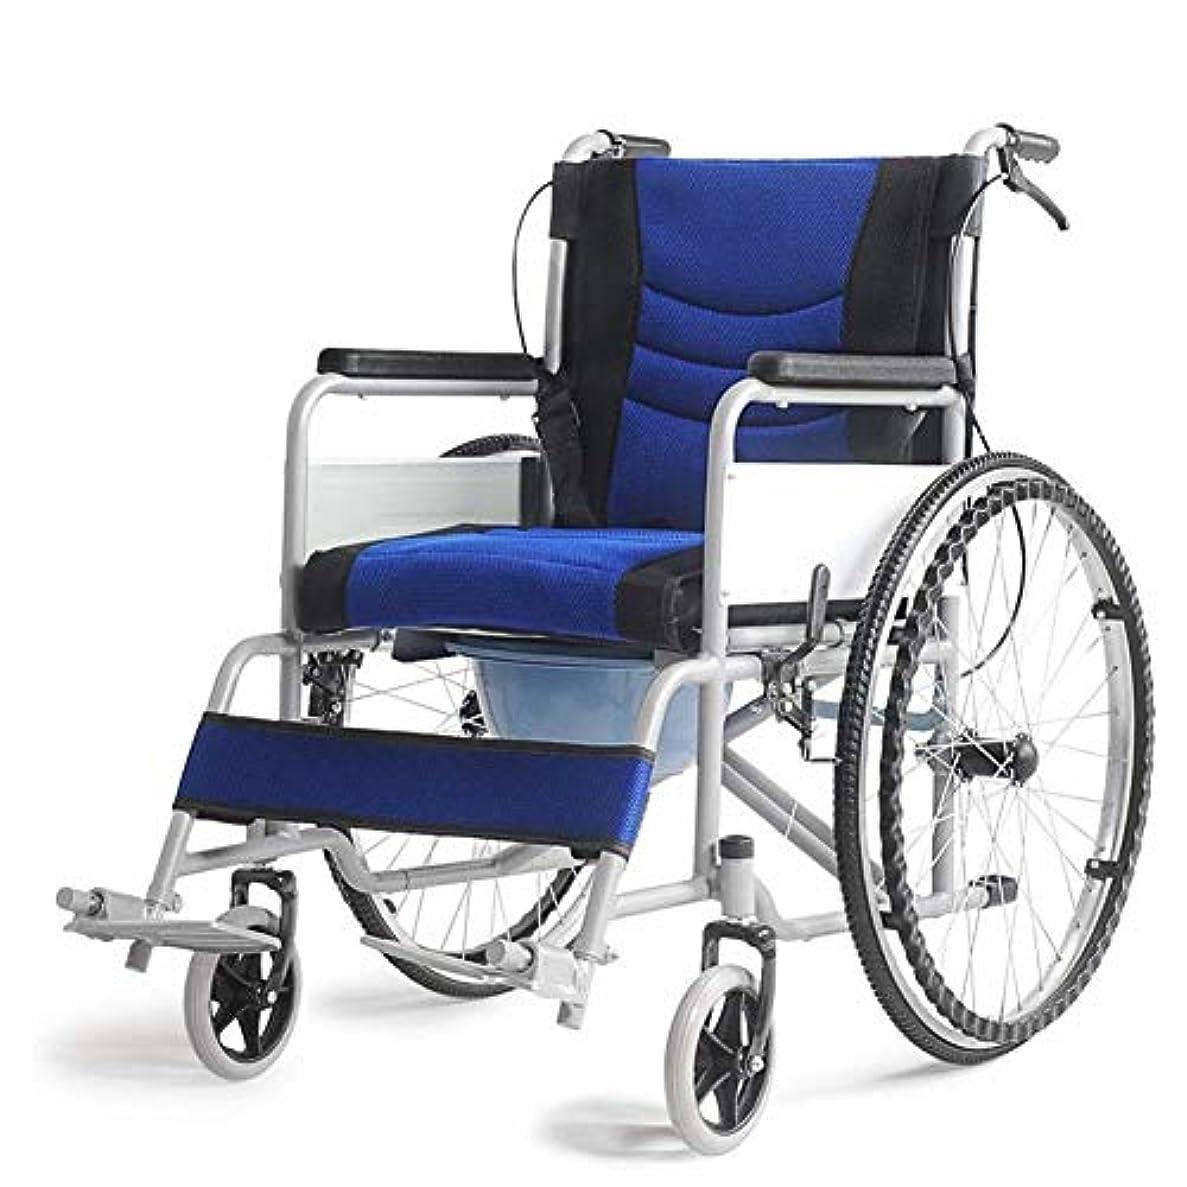 ハンドブレーキとクイックリリースリアホイールを備えた軽量アルミニウム折りたたみ式セルフプロペール車椅子 (Color : 青)